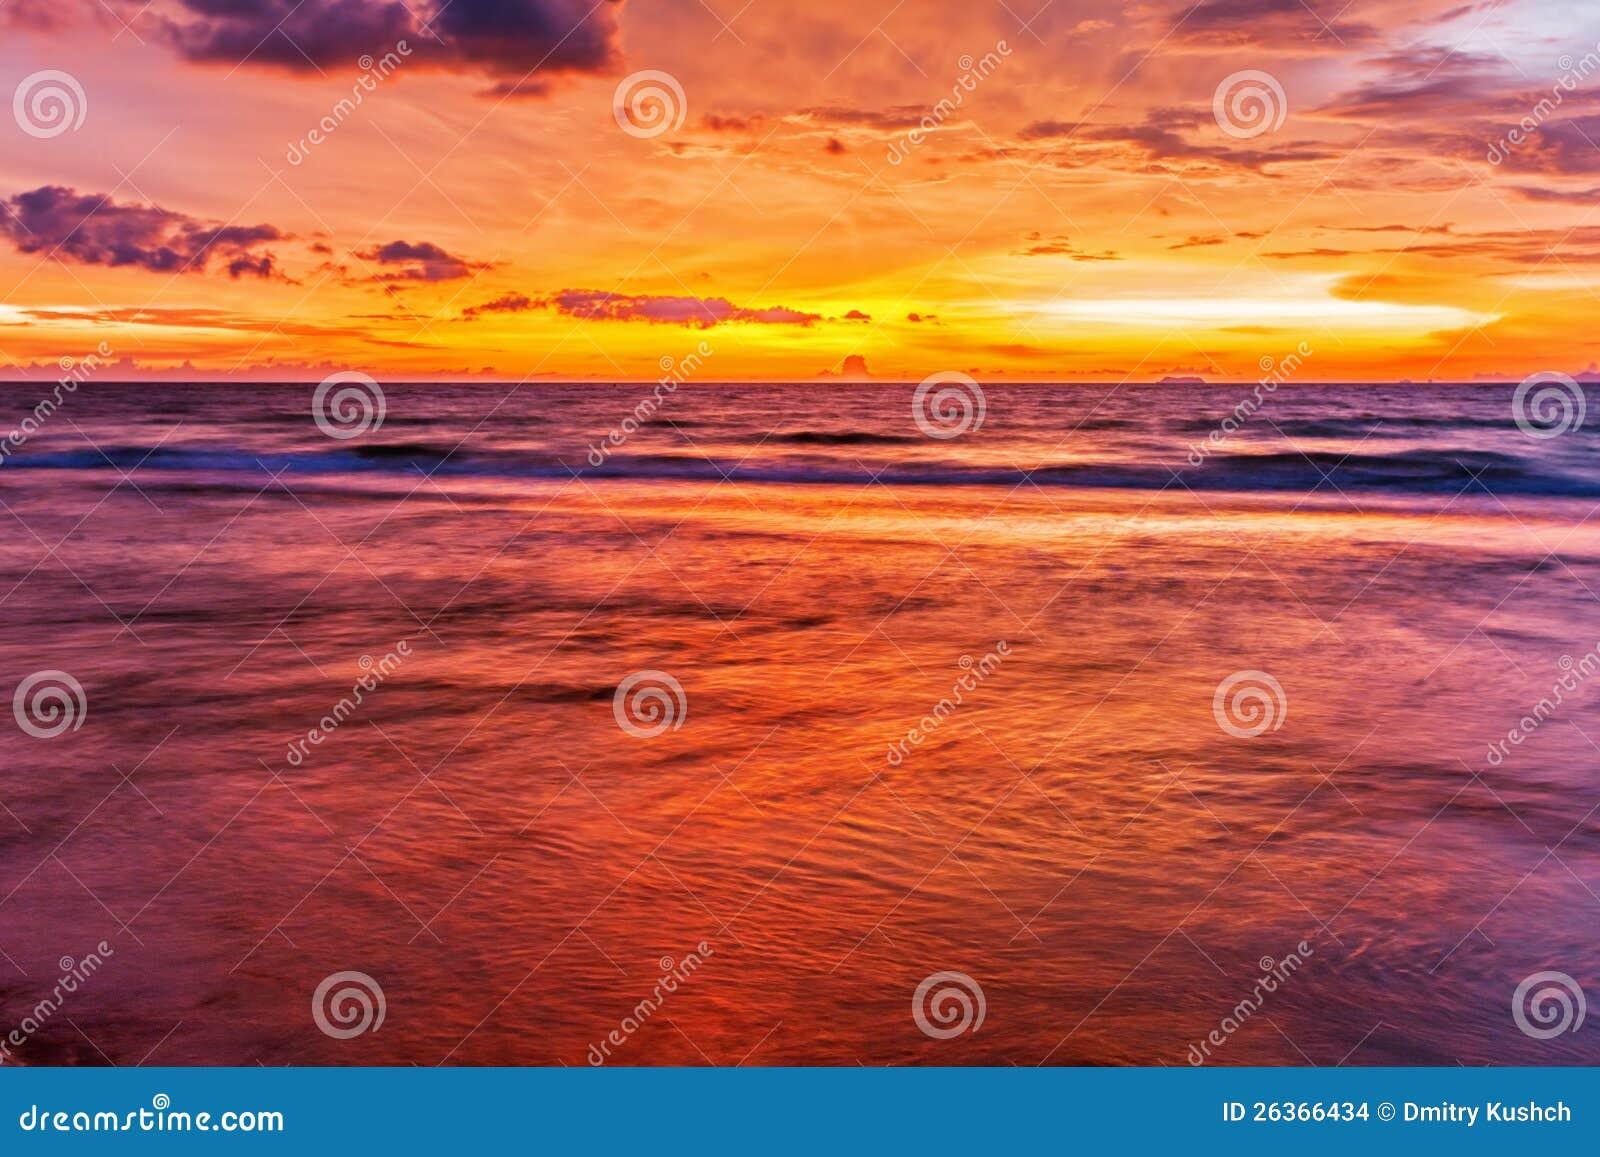 Praia tropical no por do sol.